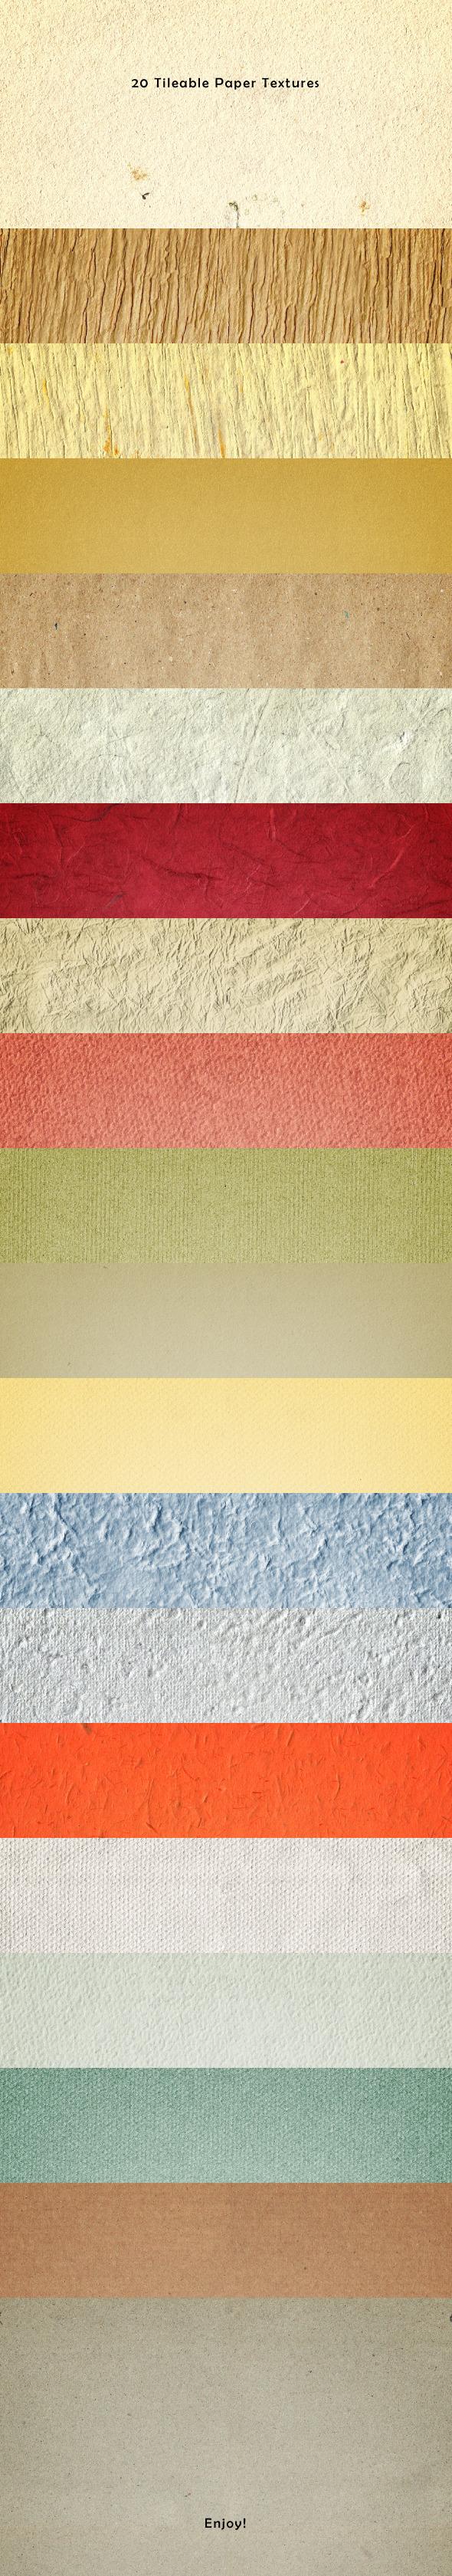 20 Tileable Paper Photoshop Textures - Textures / Fills / Patterns Photoshop